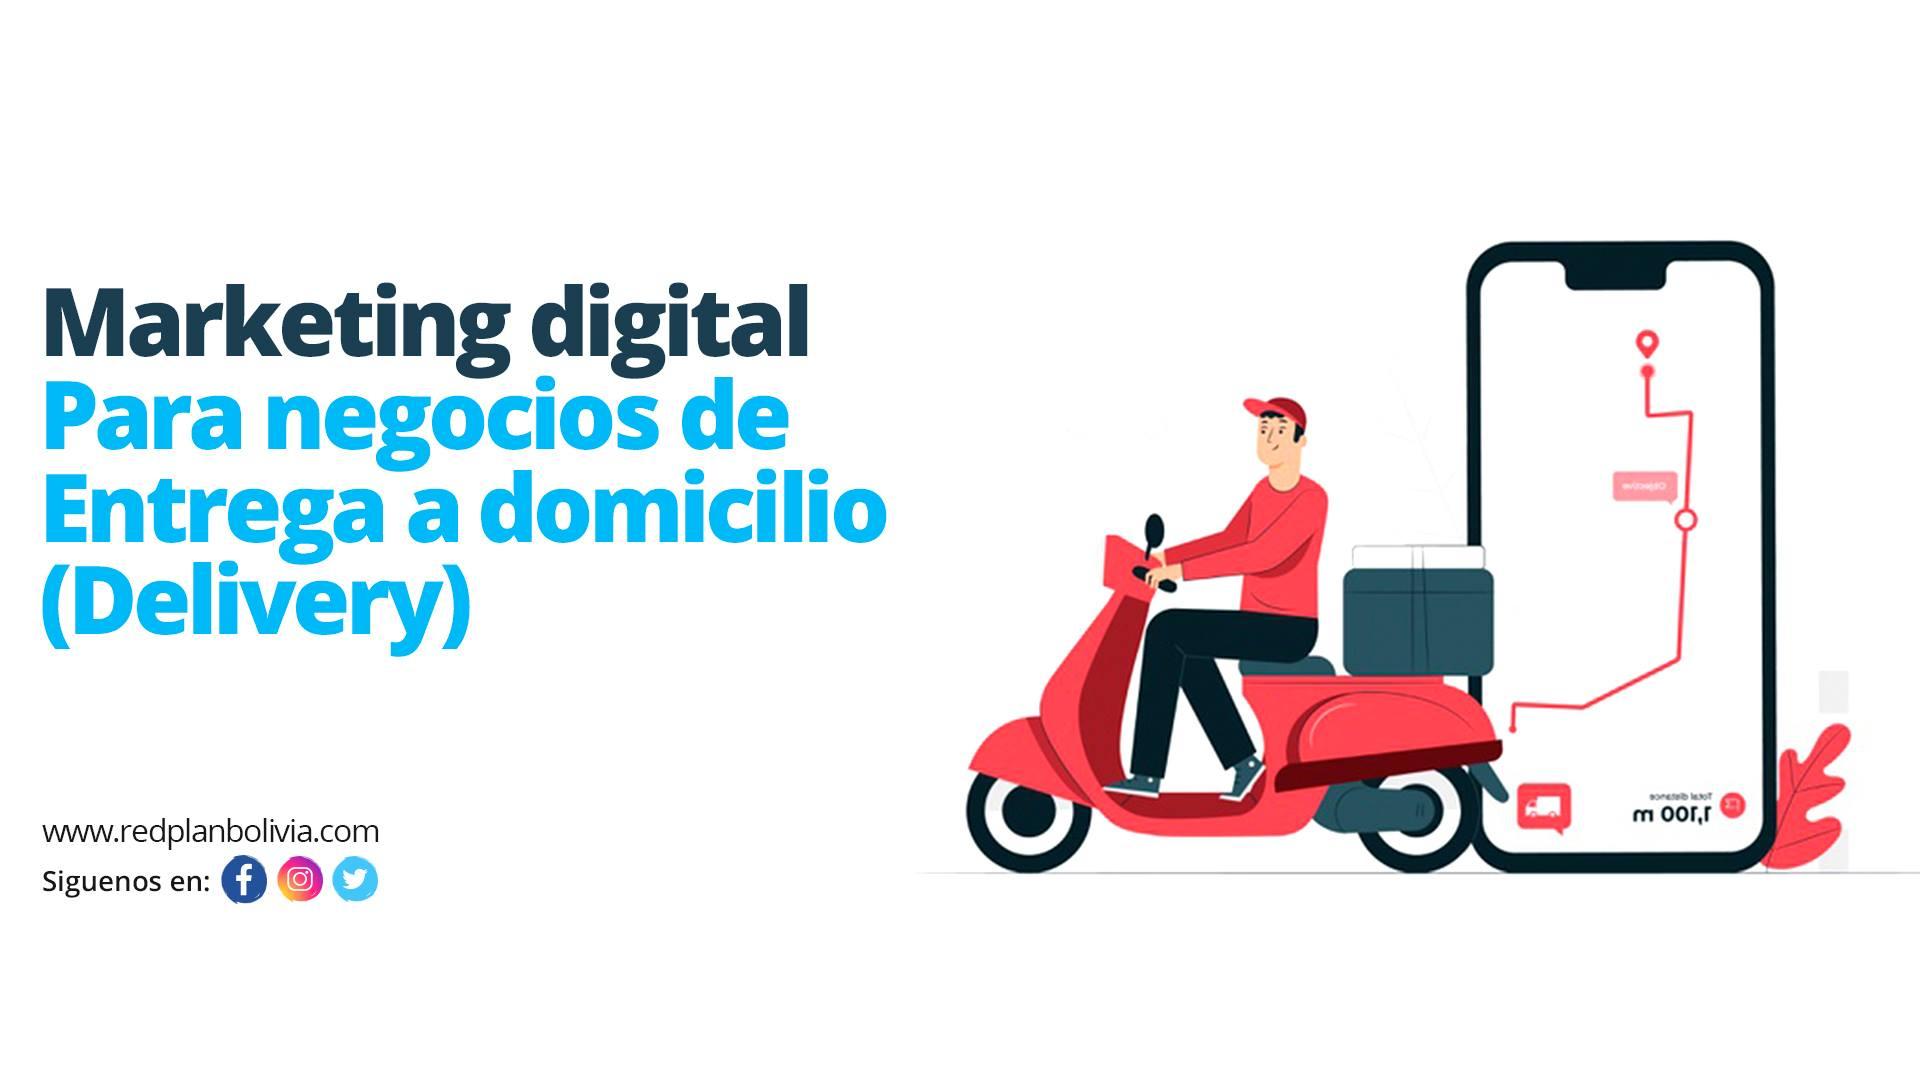 Estrategias de marketing digital para negocios de entrega a domicilio (Delivery)